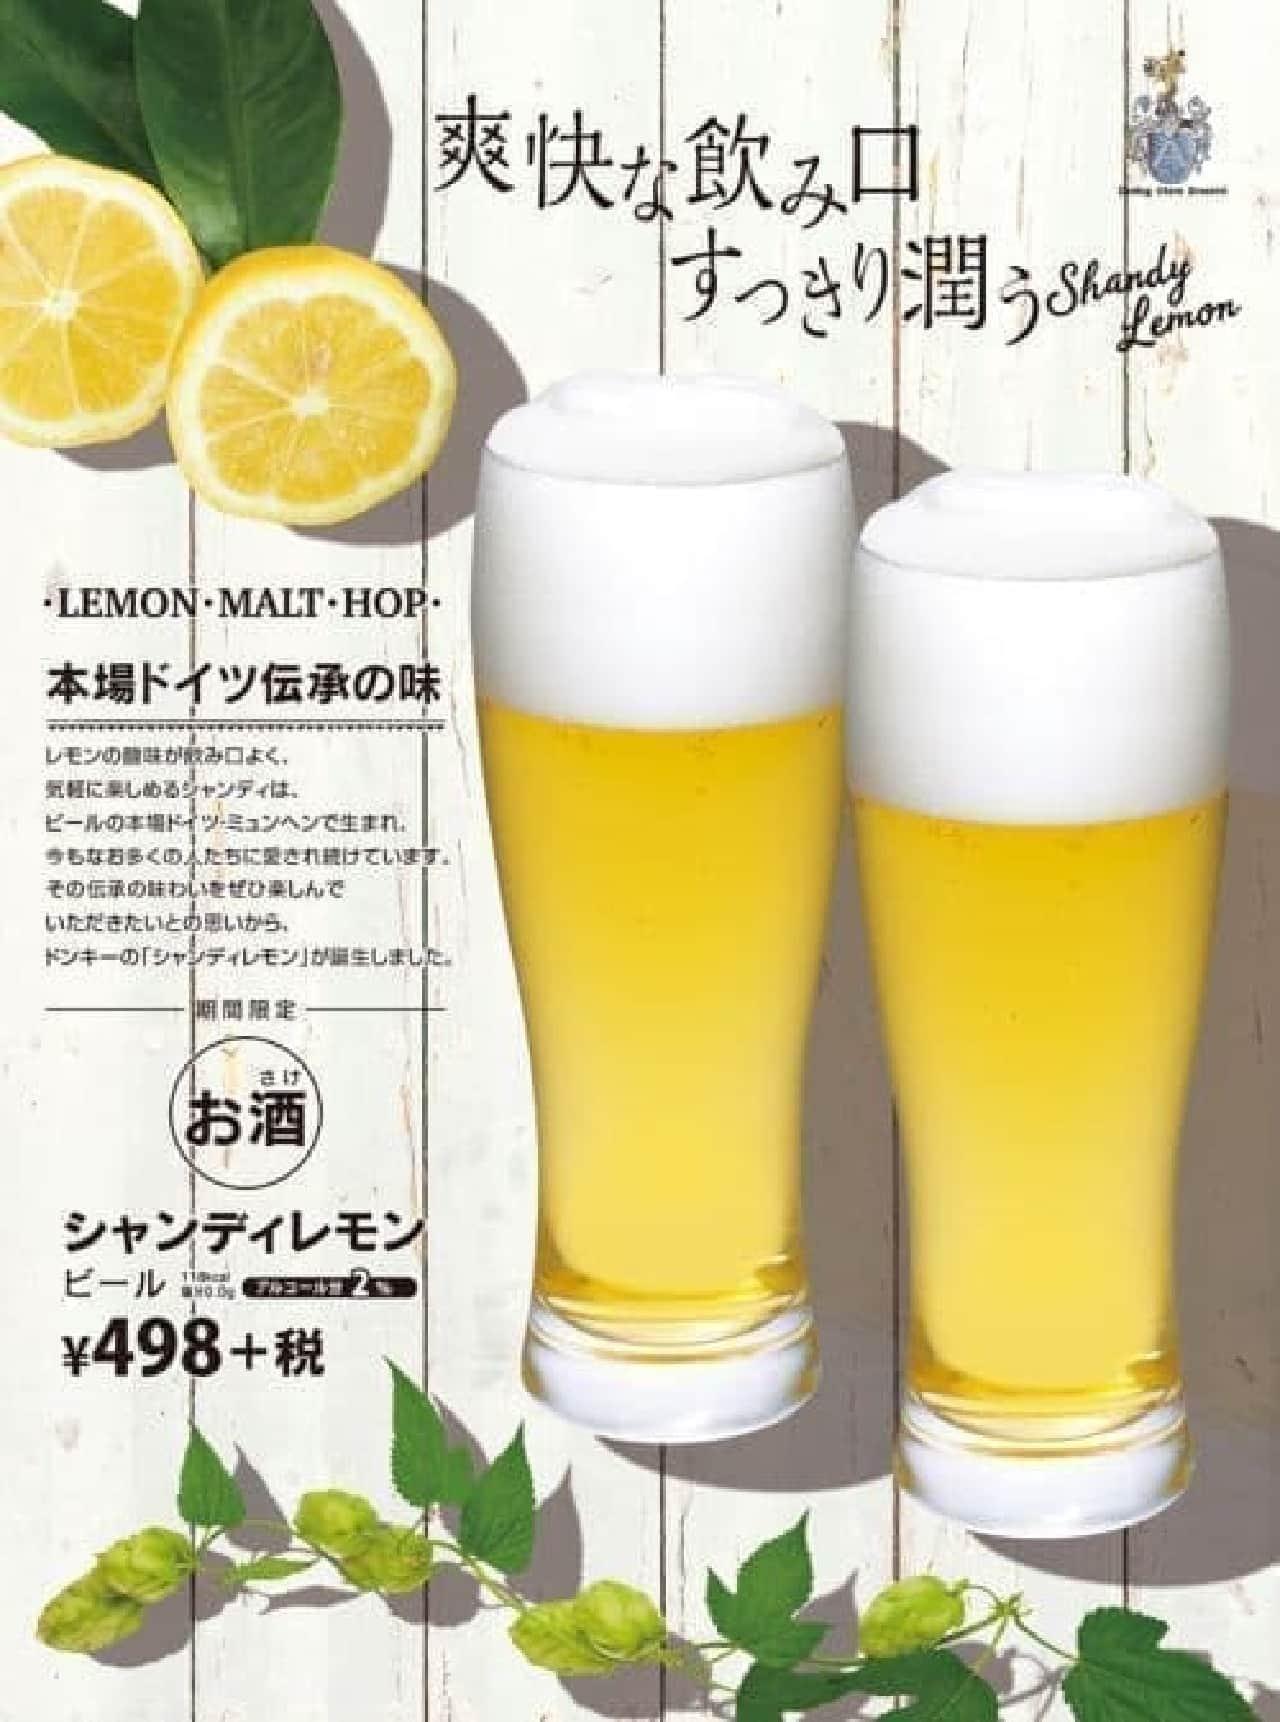 びっくりドンキーにドイツビール「シャンディレモン」